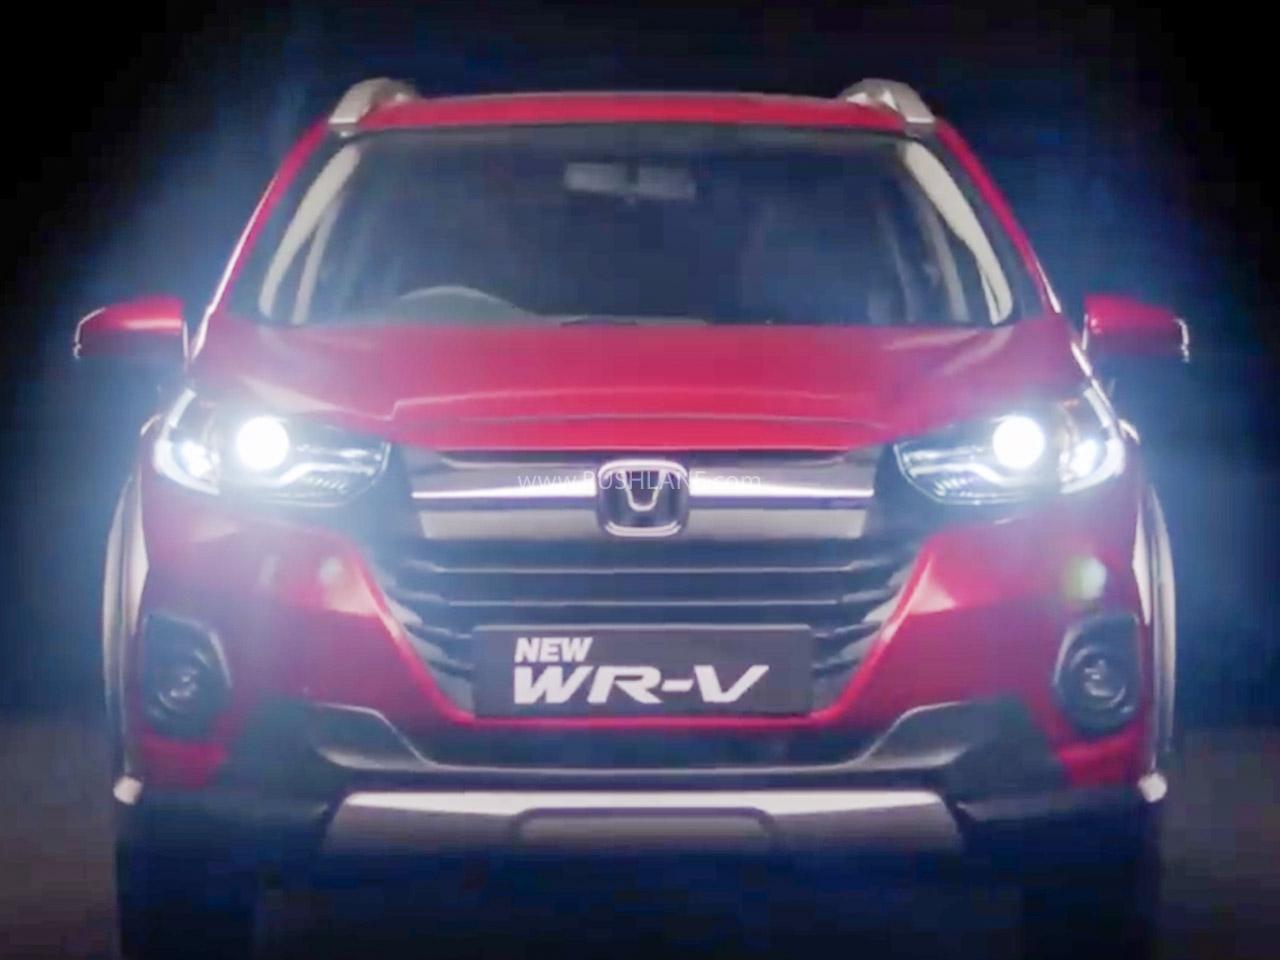 2020 Honda WR-V Launch Date Revealed In New Teaser Video